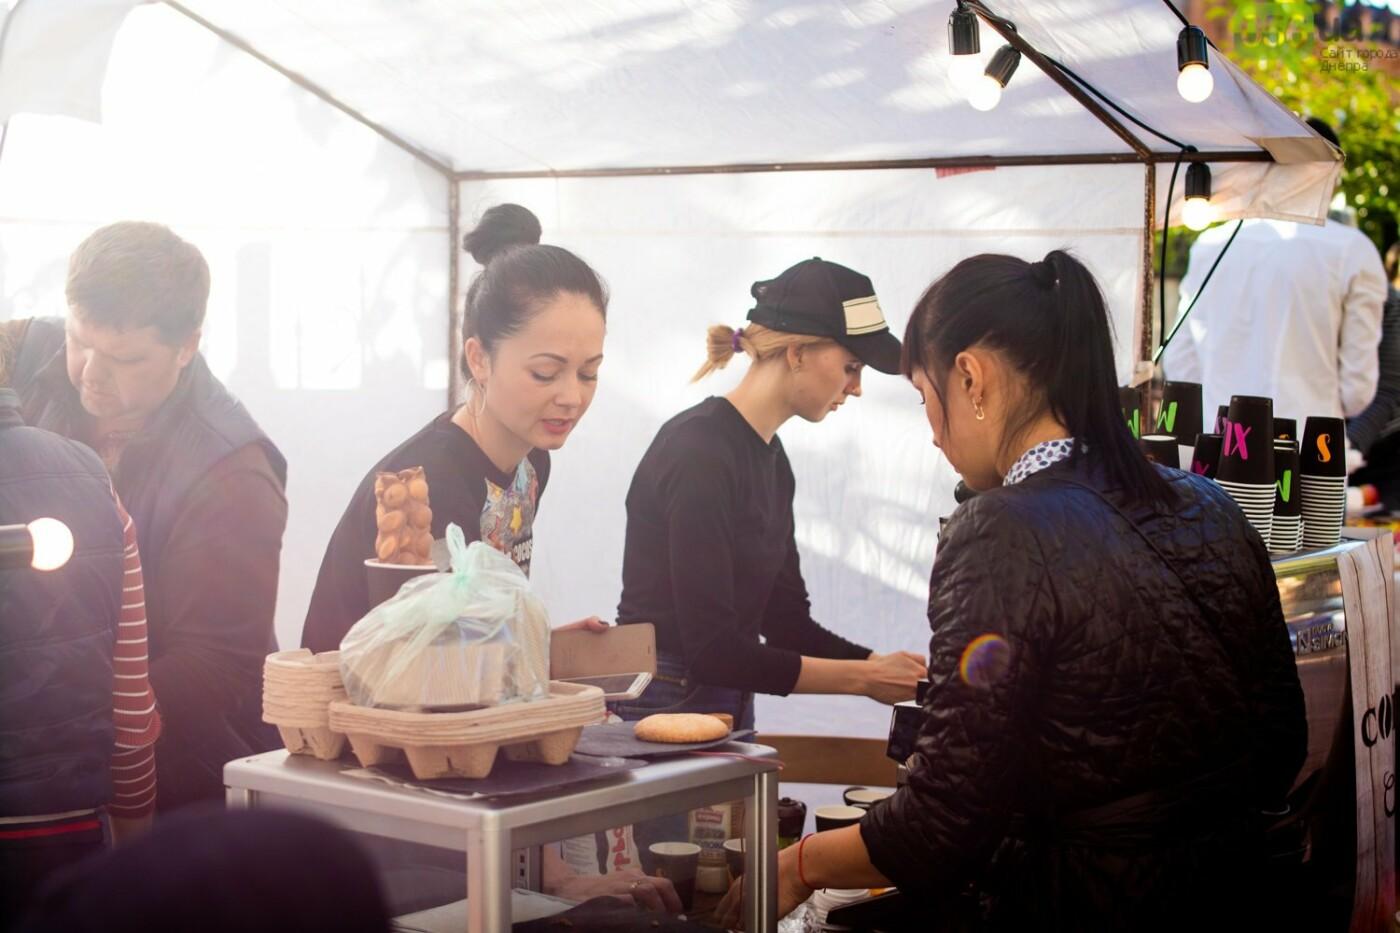 Кофейные ароматы, шоколад и солнце: как в Днепре прошел фестиваль «Осень с привкусом кофе», - ФОТОРЕПОРТАЖ, фото-7